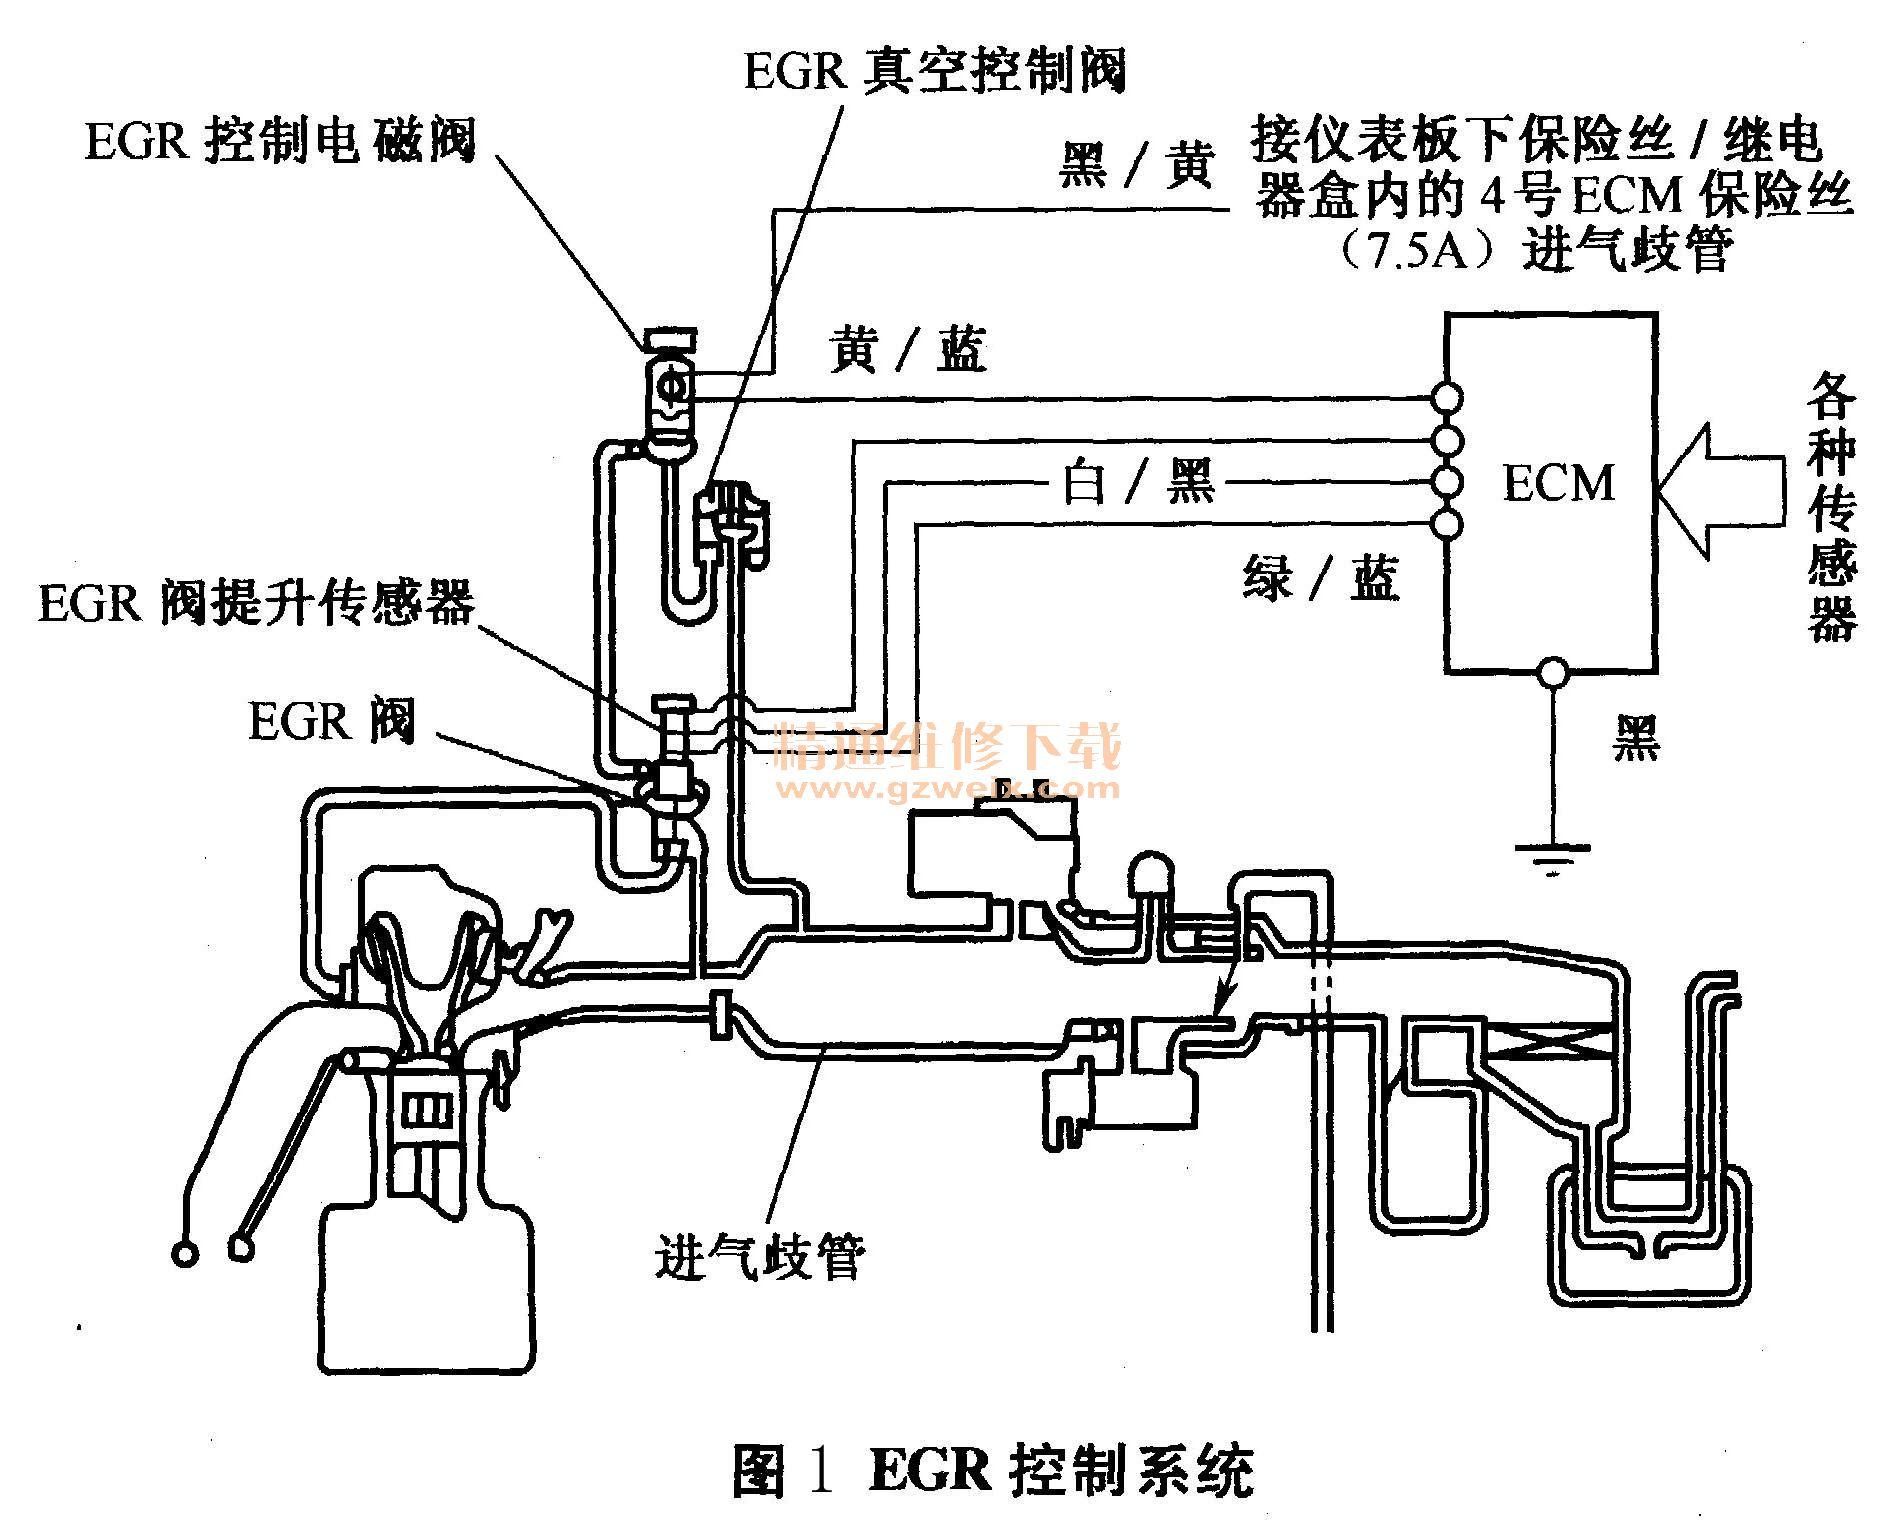 本田雅阁因egr电磁阀故障导致启动困难图片